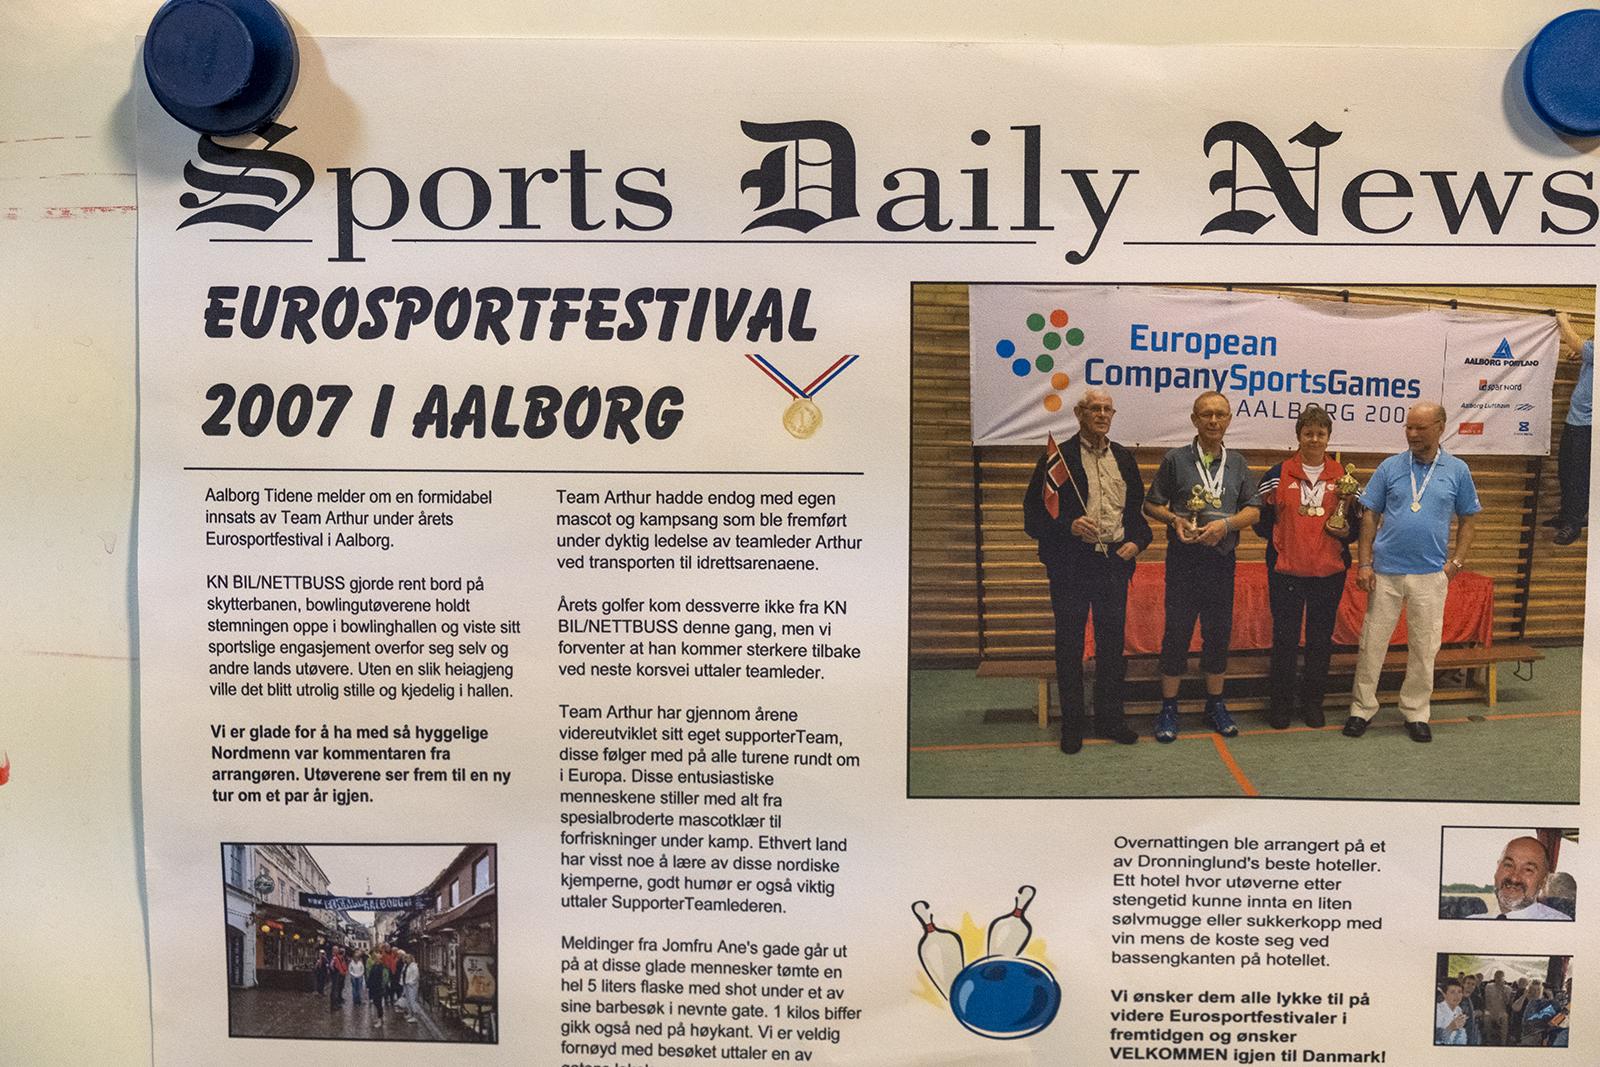 """""""Eurosportfestival"""" for bedriftsidrett arrangeres annenhvert år i forskjellige byer rundt i Europa. KNBIL's skyttere har deltatt mange ganger, og sanket premier, heder og ære!"""